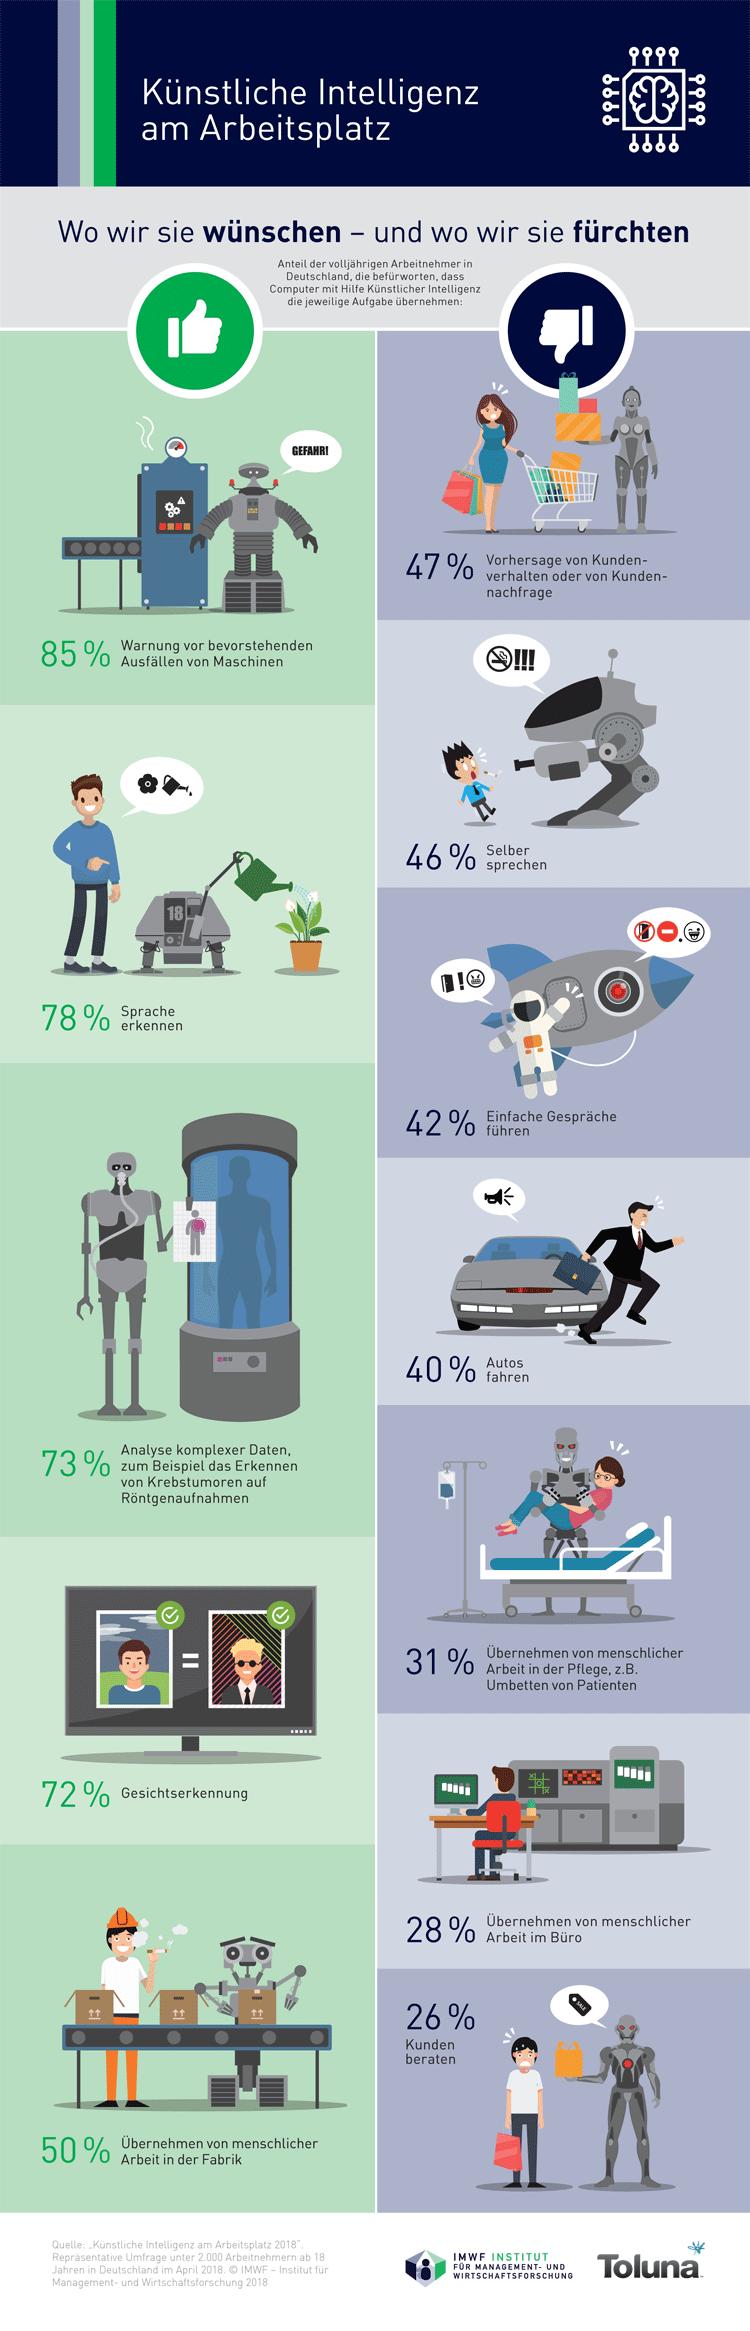 Infografik: Künstliche Intelligenz am Arbeitsplatz